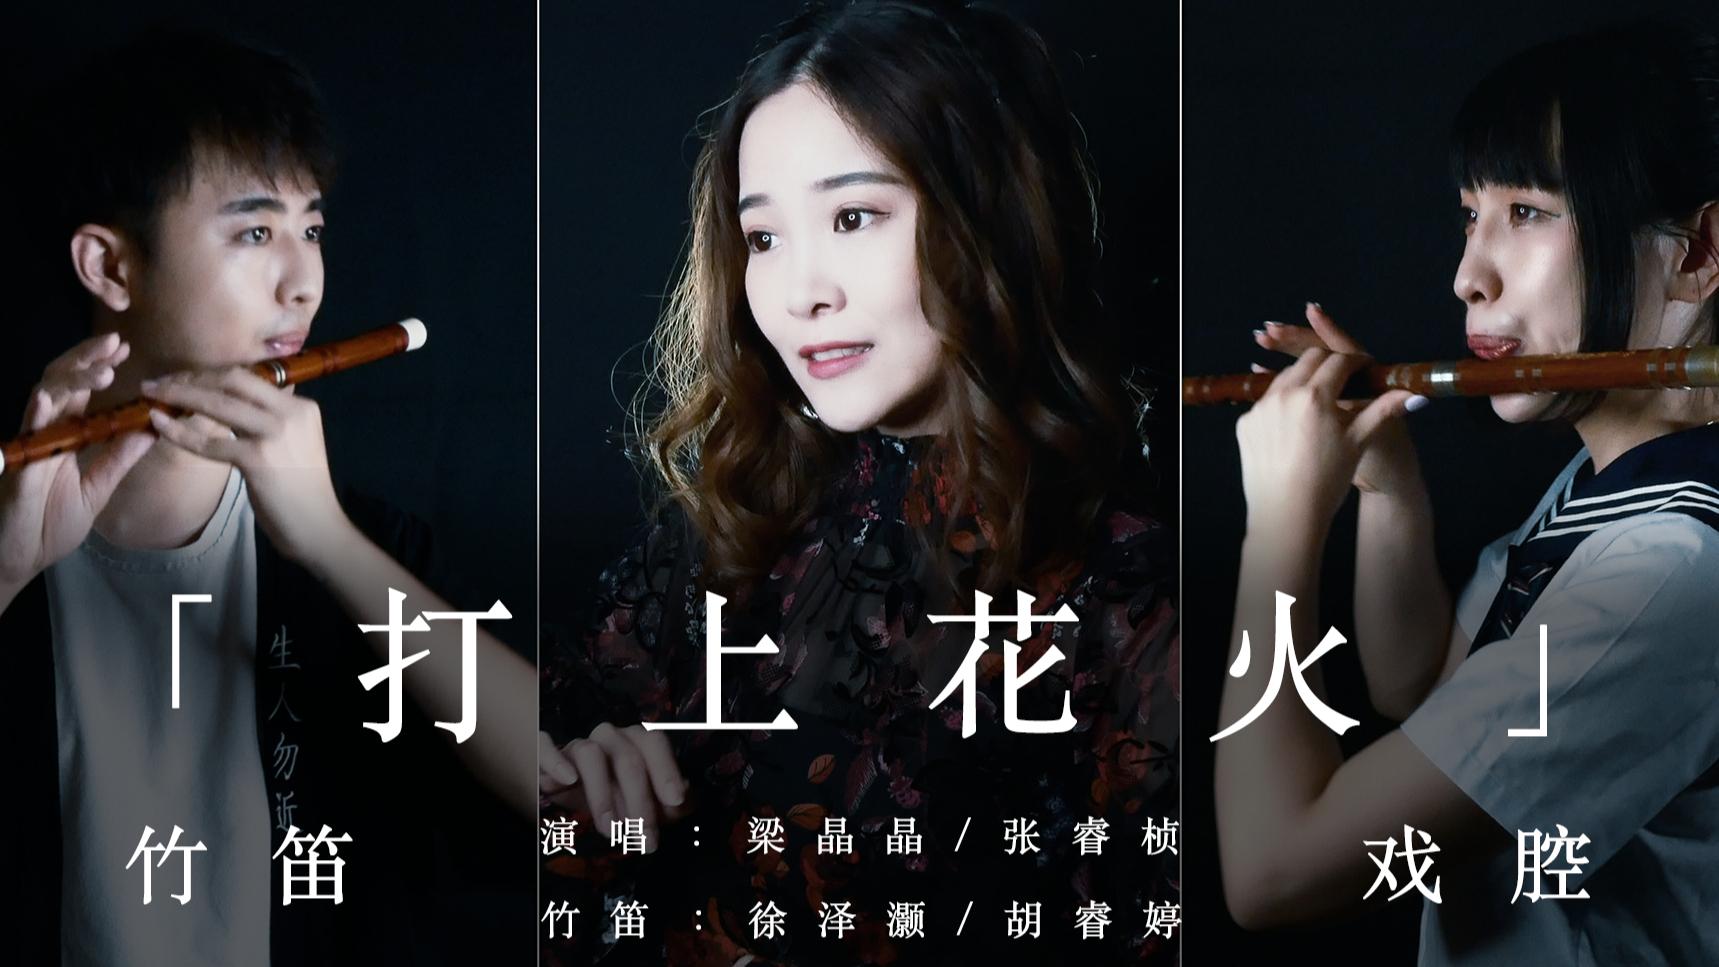 「戏腔 with 竹笛」-「打上花火」-「我最近就跟米津玄师杠上了」